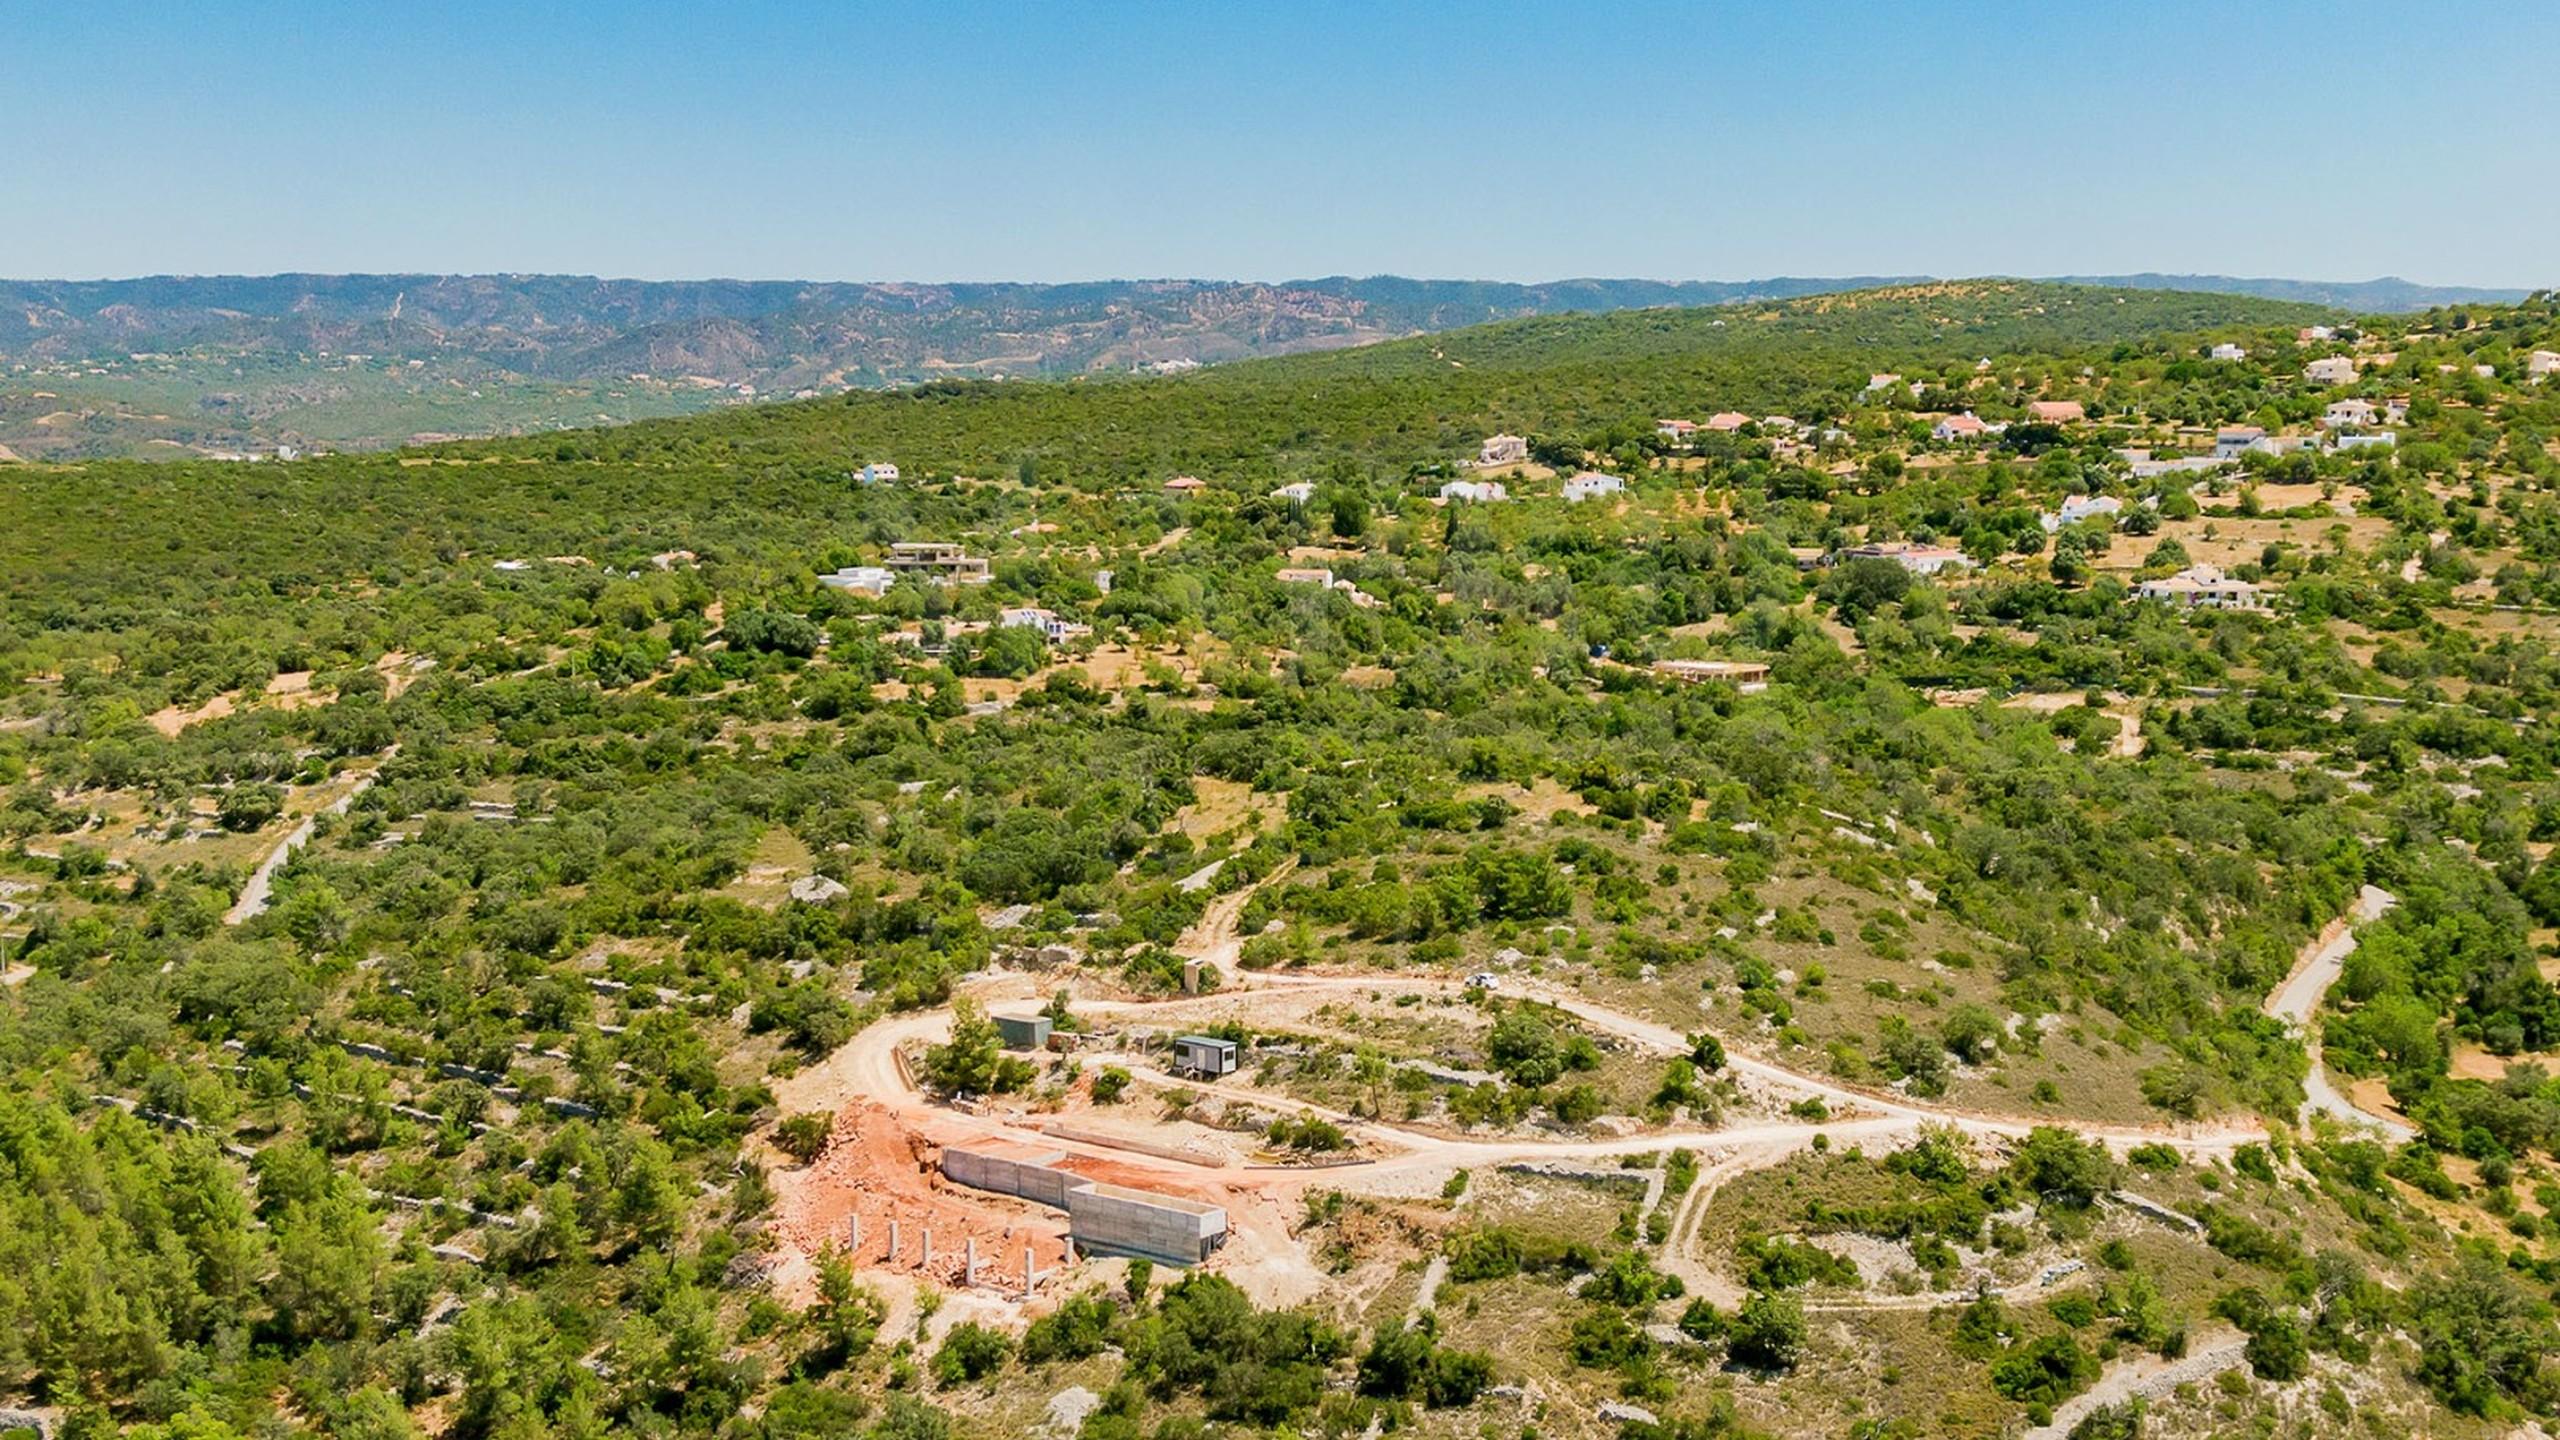 Moradia V4 à venda em Loulé, Algarve